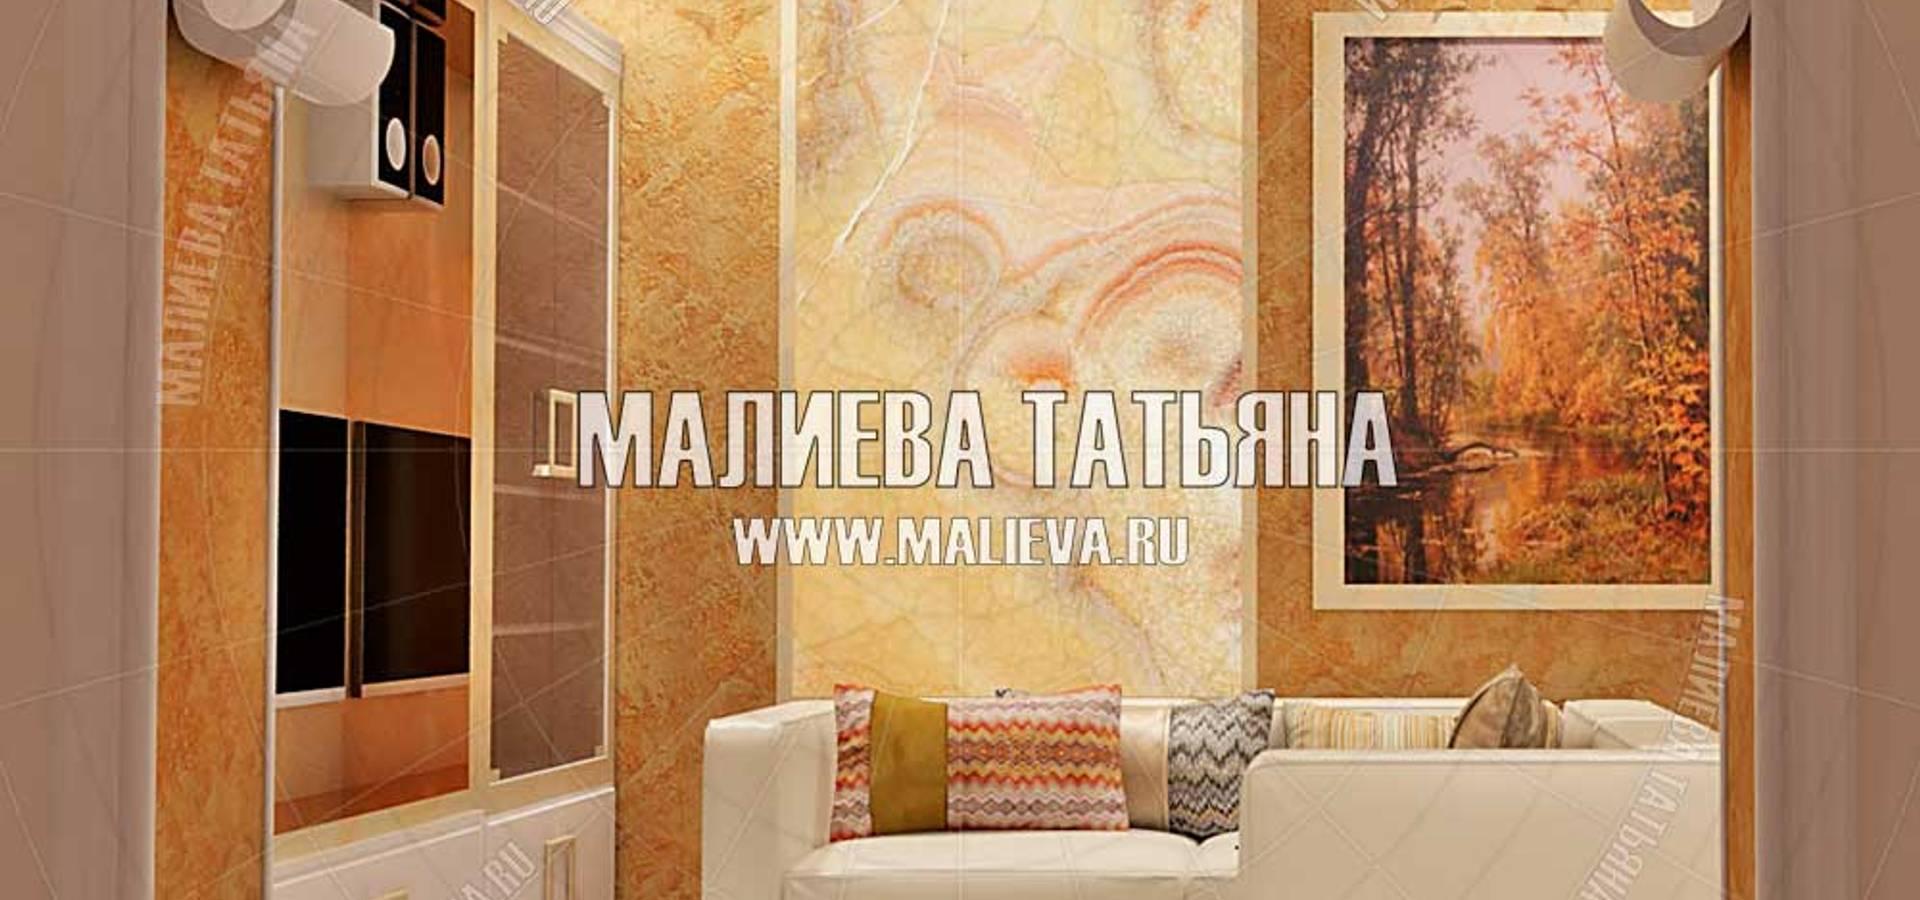 Частный Дизайнер интерьеров Малиева Татьяна